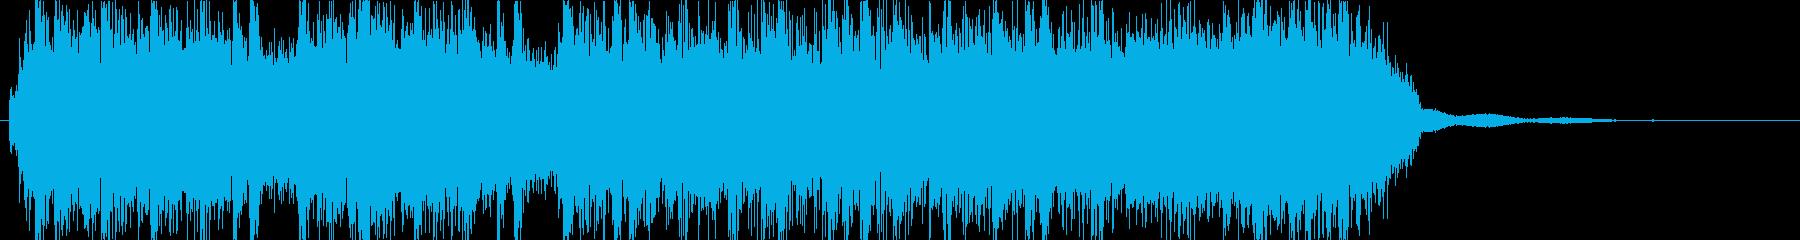 ヘヴィメタルなアイキャッチの再生済みの波形